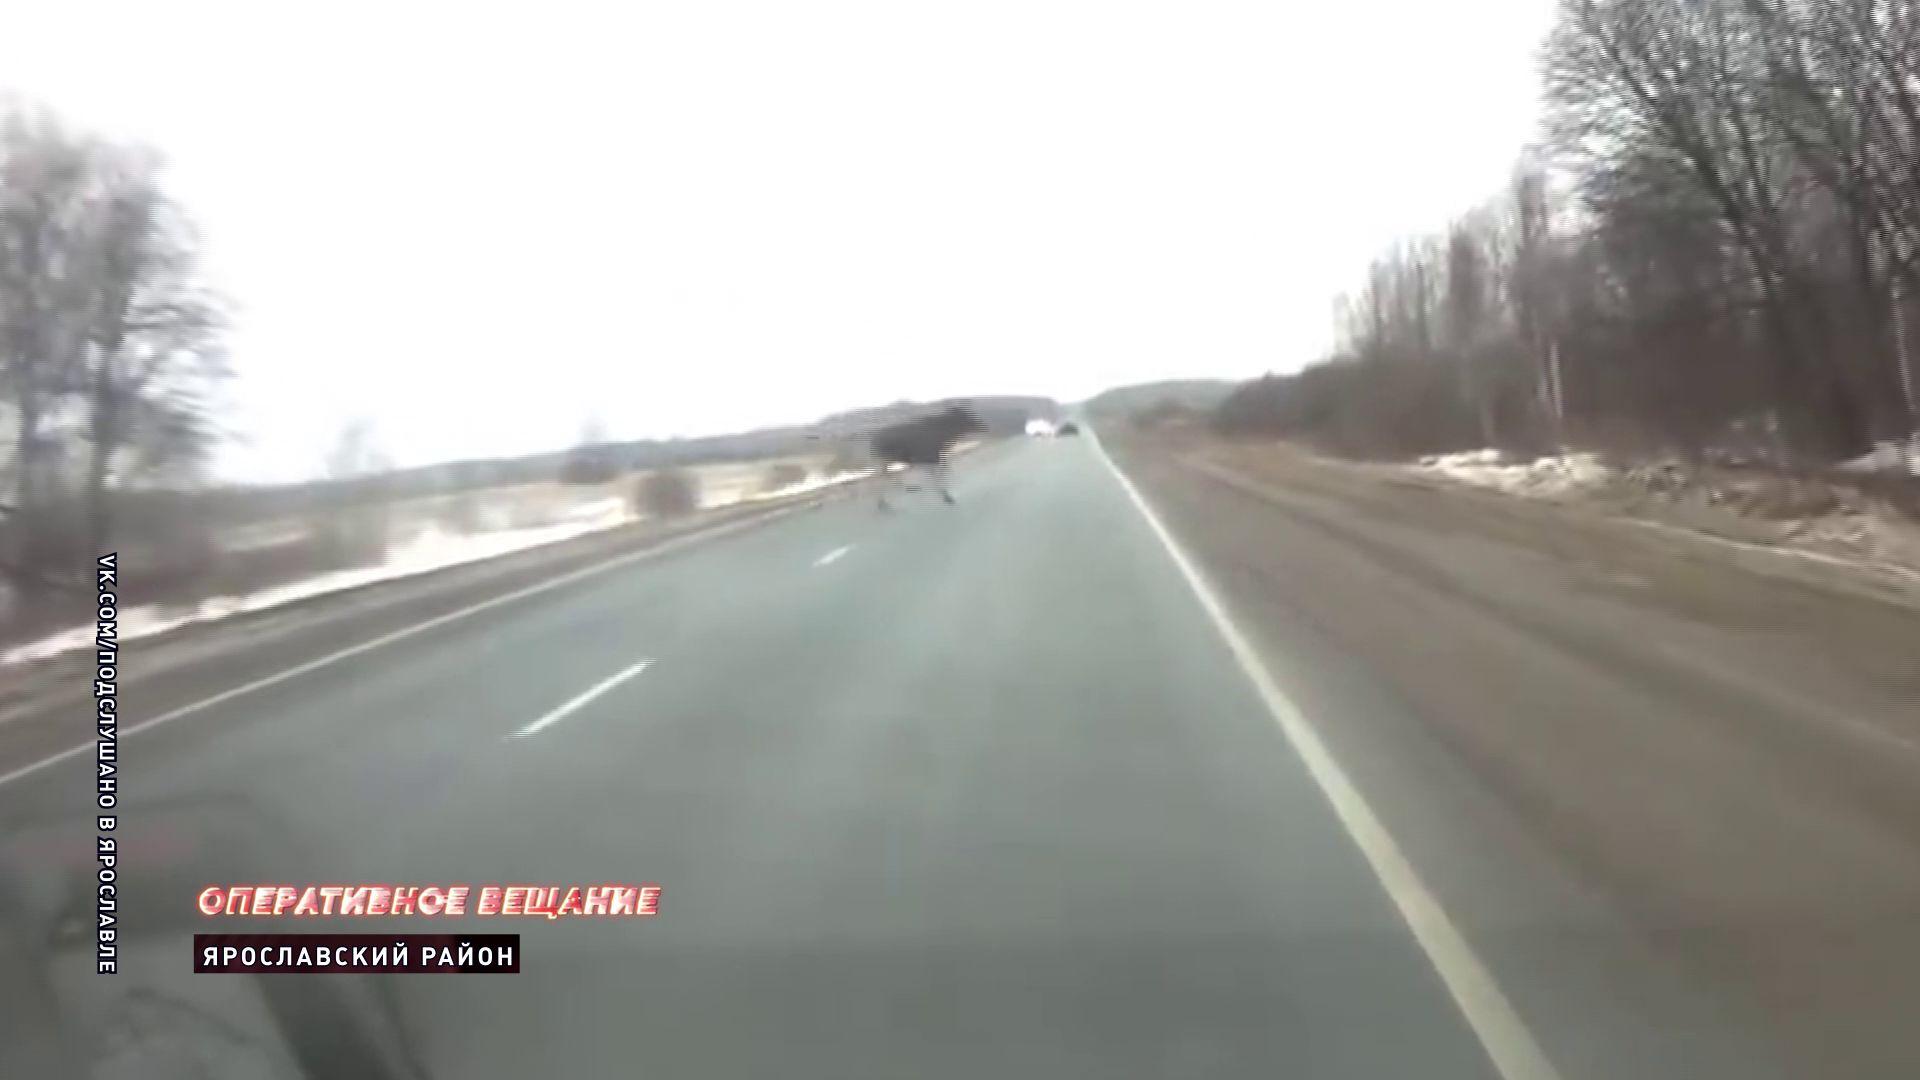 В Ярославской области лось едва не устроил ДТП